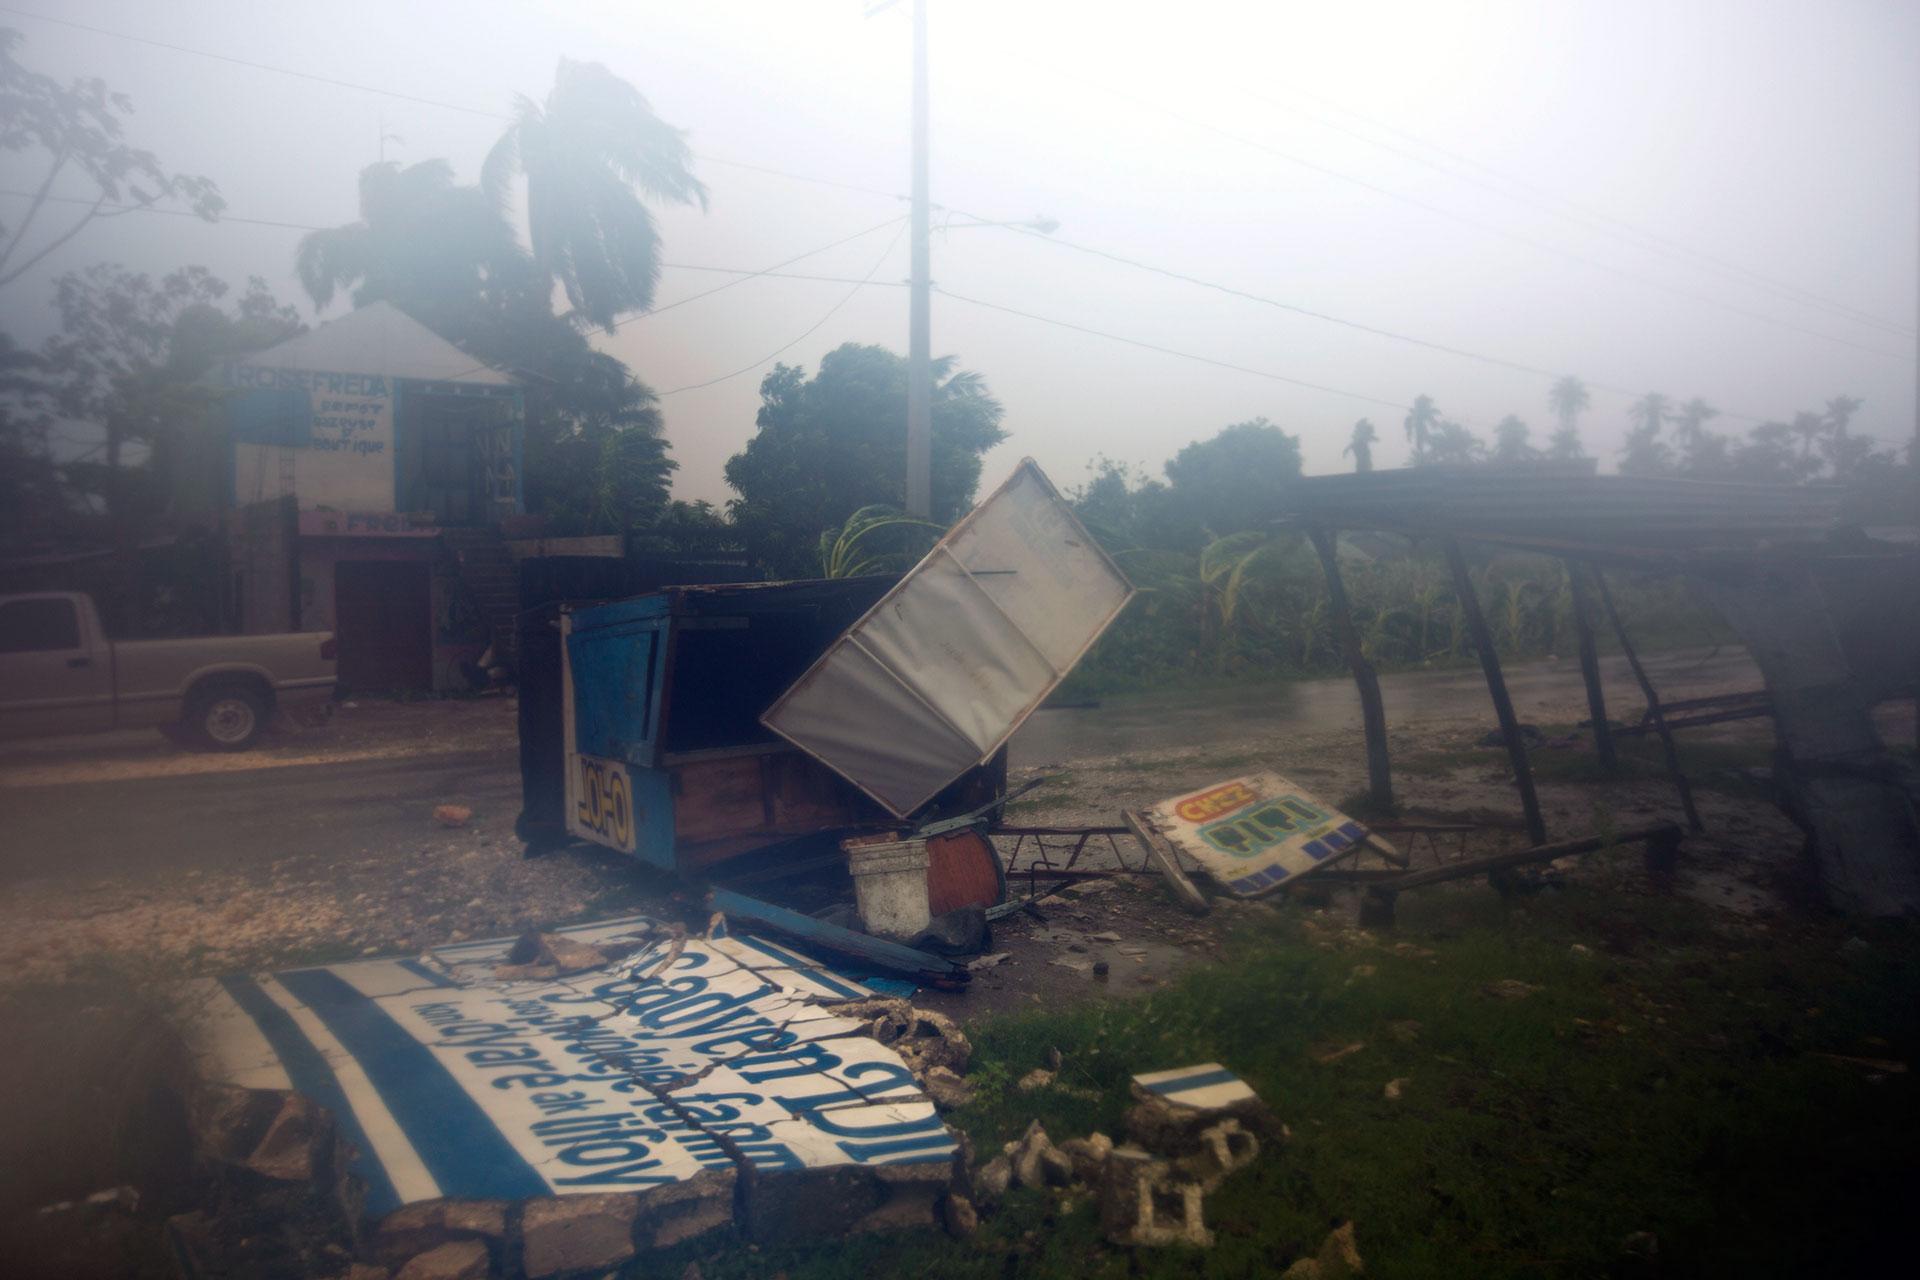 Concretamente en Maisí, el extremo más oriental del país, se prevé restablecer el enlace por vía satelital, mientras que en los otros dos provisionalmente se hará a través de radioaficionados, según informó el Consejo de Defensa citado por medios oficiales (AP)